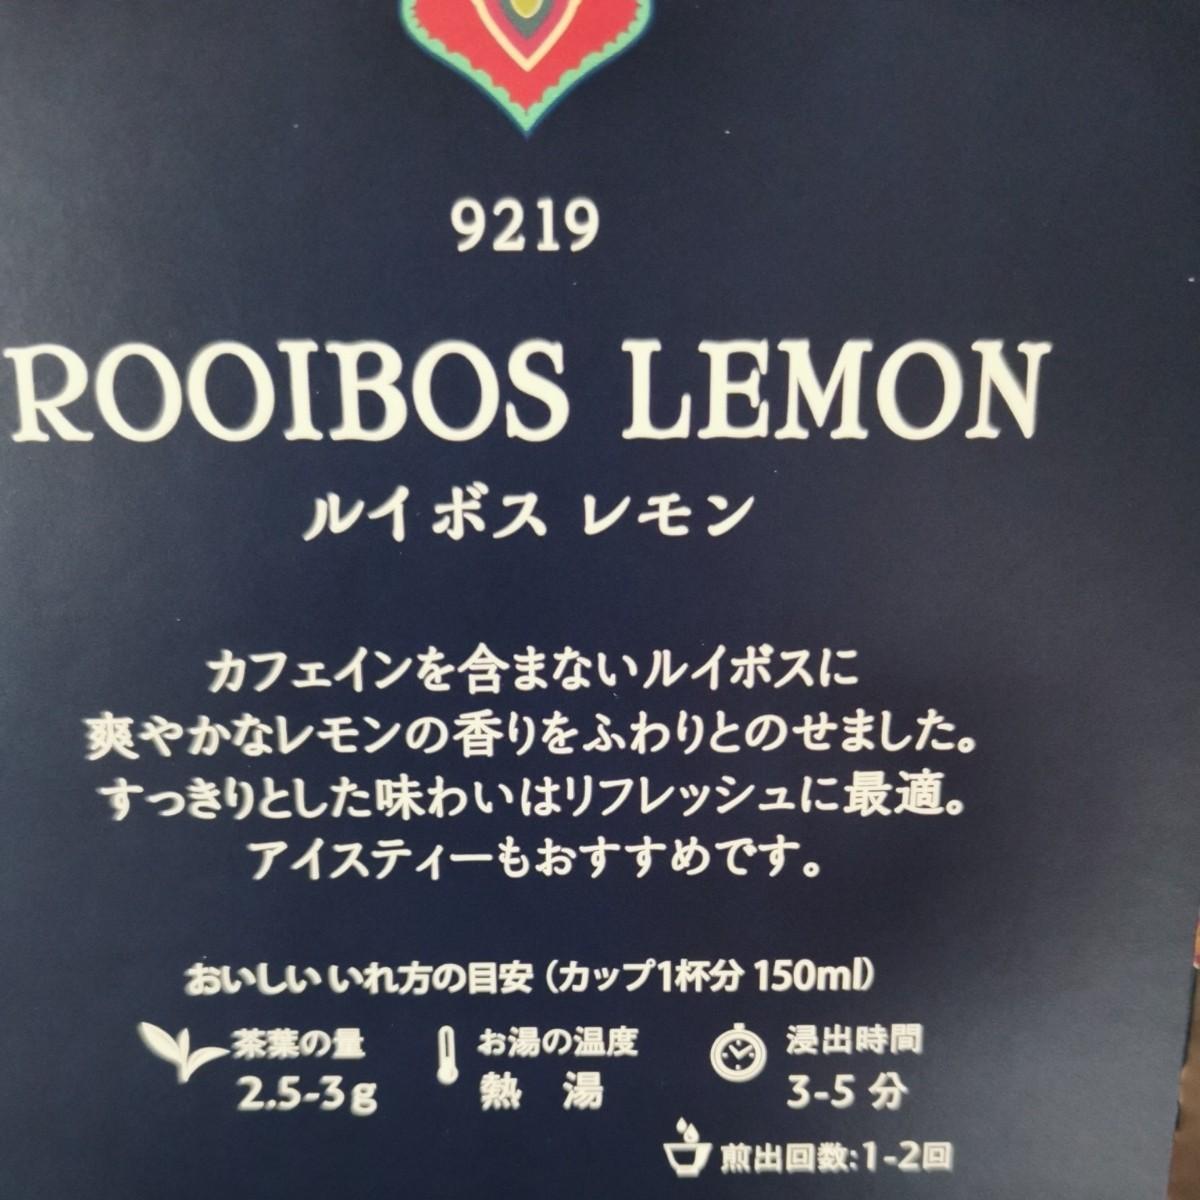 ルピシア リーフティーセット 3種 夏にピッタリ アイスティー 水出しでも美味しい アールグレイ 白桃煎茶 レモンルイボス 紅茶